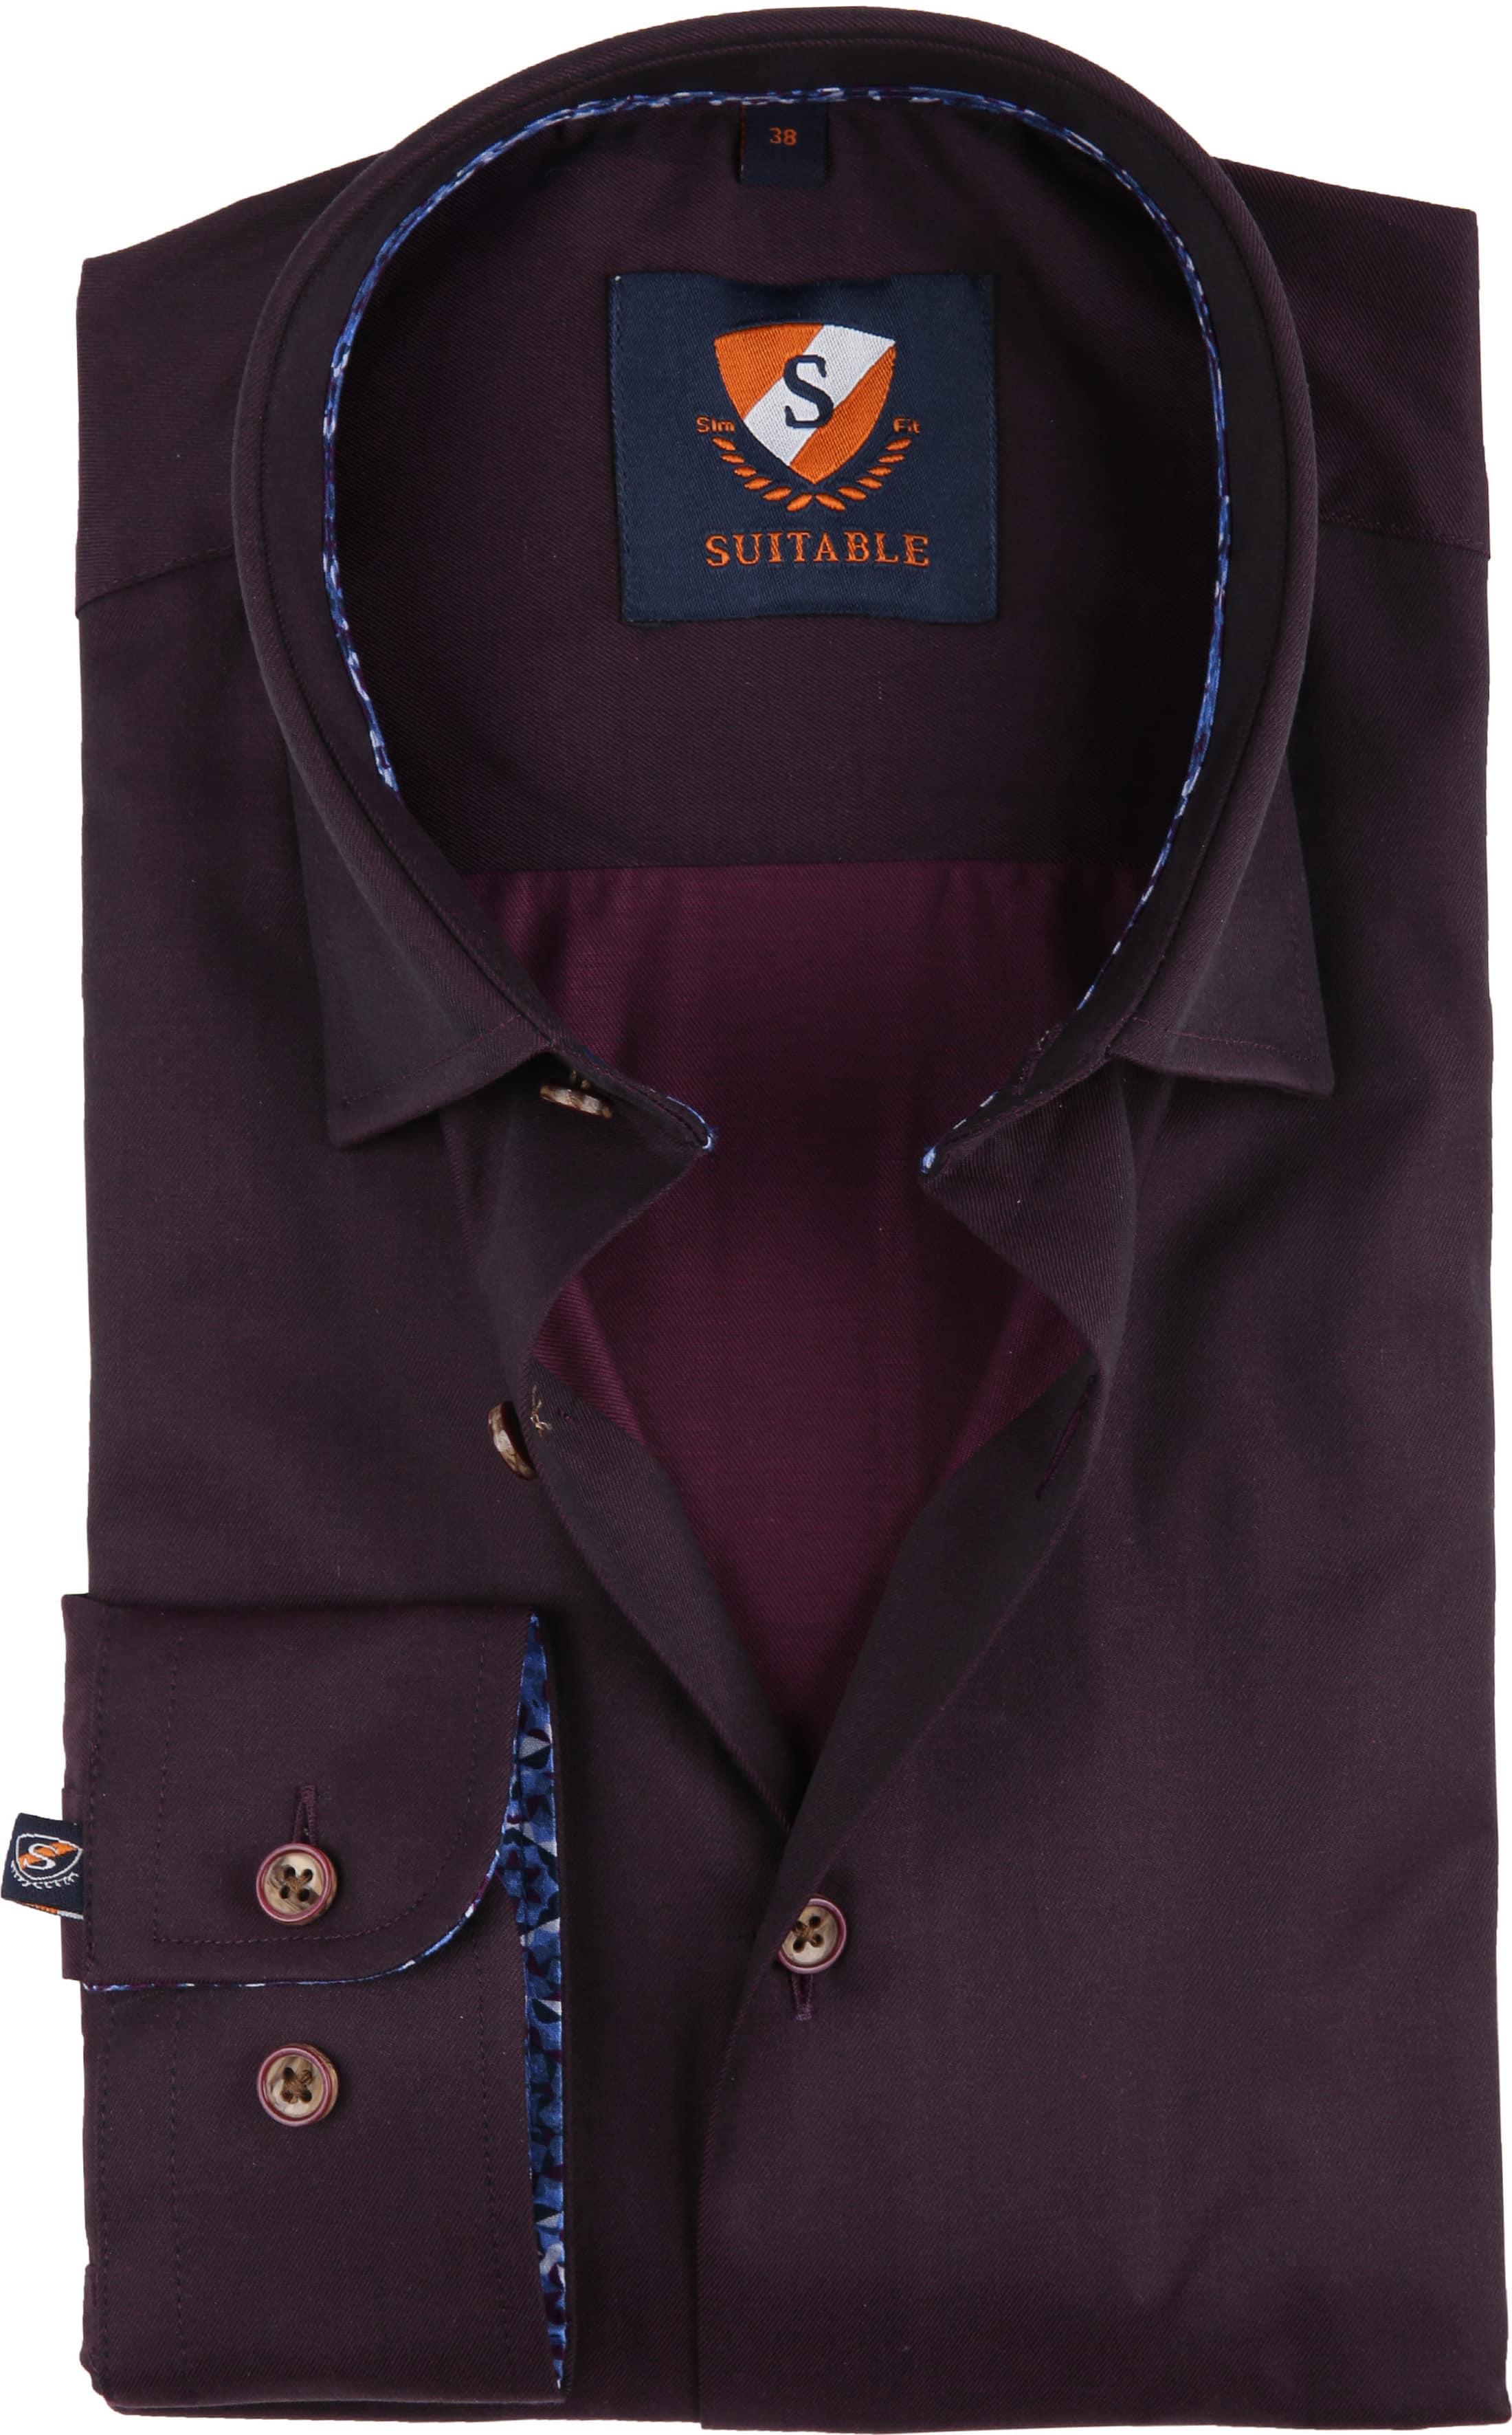 Suitable Shirt Bordeaux 188 5 188 5 Hbd Order Online Suitable